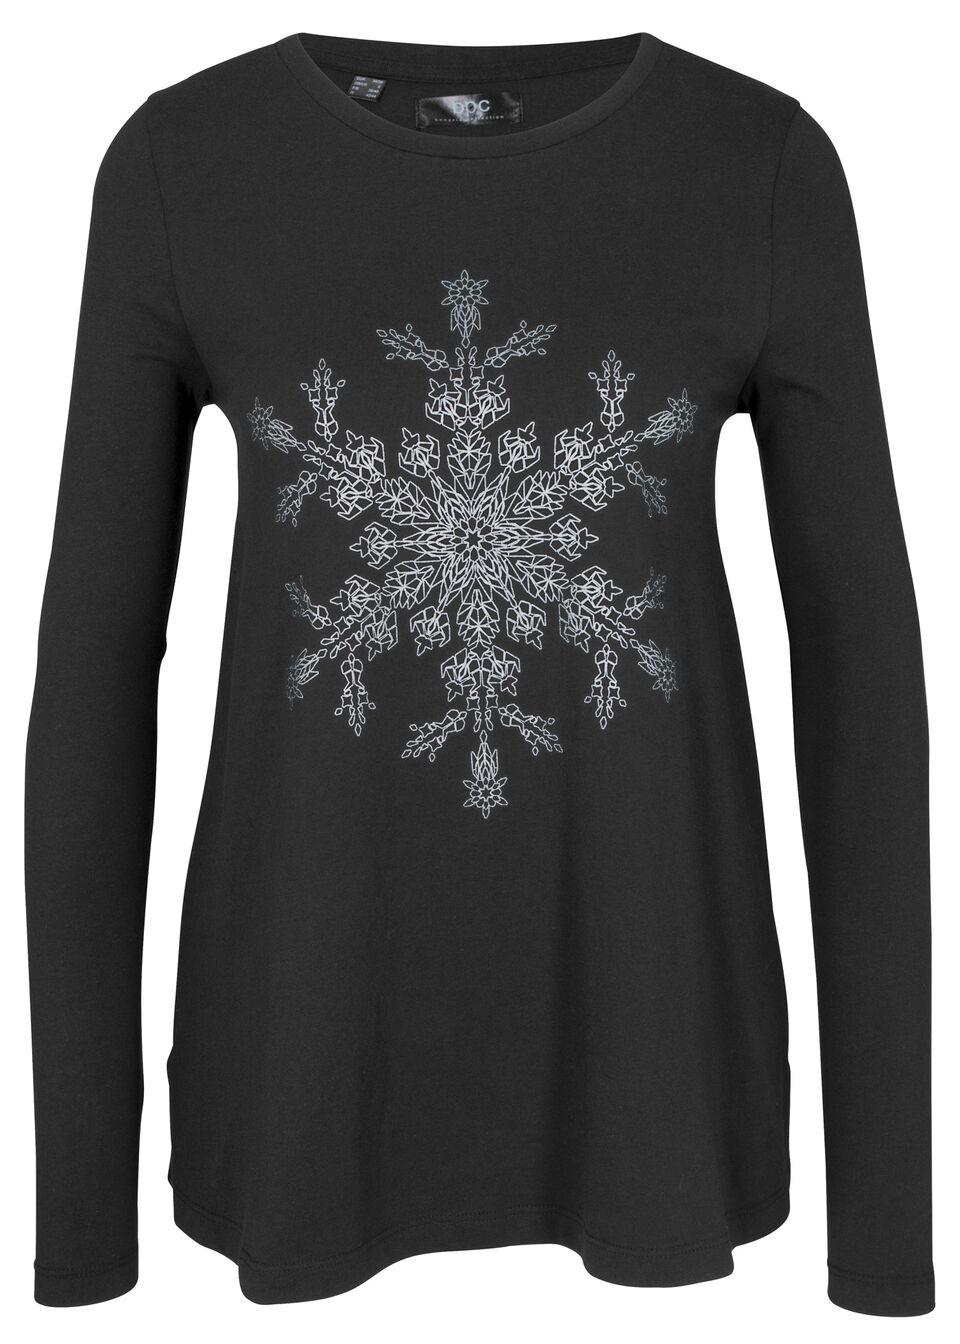 Shirt bawełniany z długim rękawem i nadrukiem z motywem płatków śniegu bonprix czarny z nadrukiem